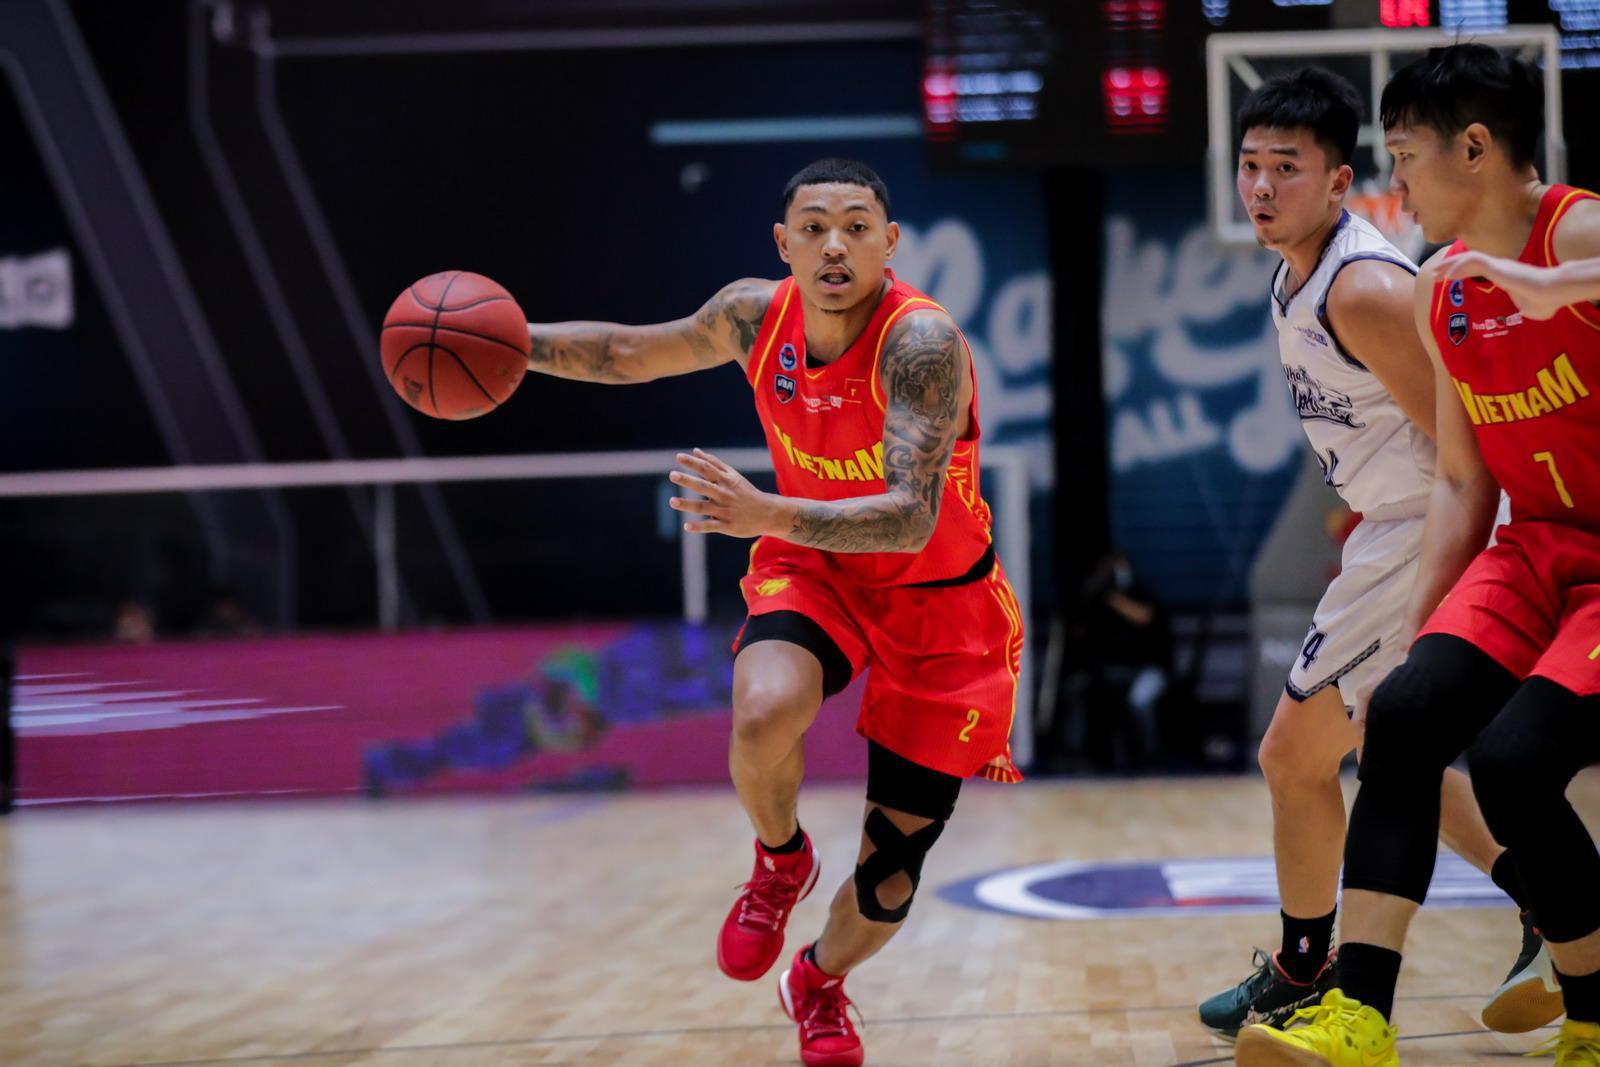 Tuyển bóng rổ Việt Nam có trận thắng thứ 2 tại VBA Premier Bubble Games